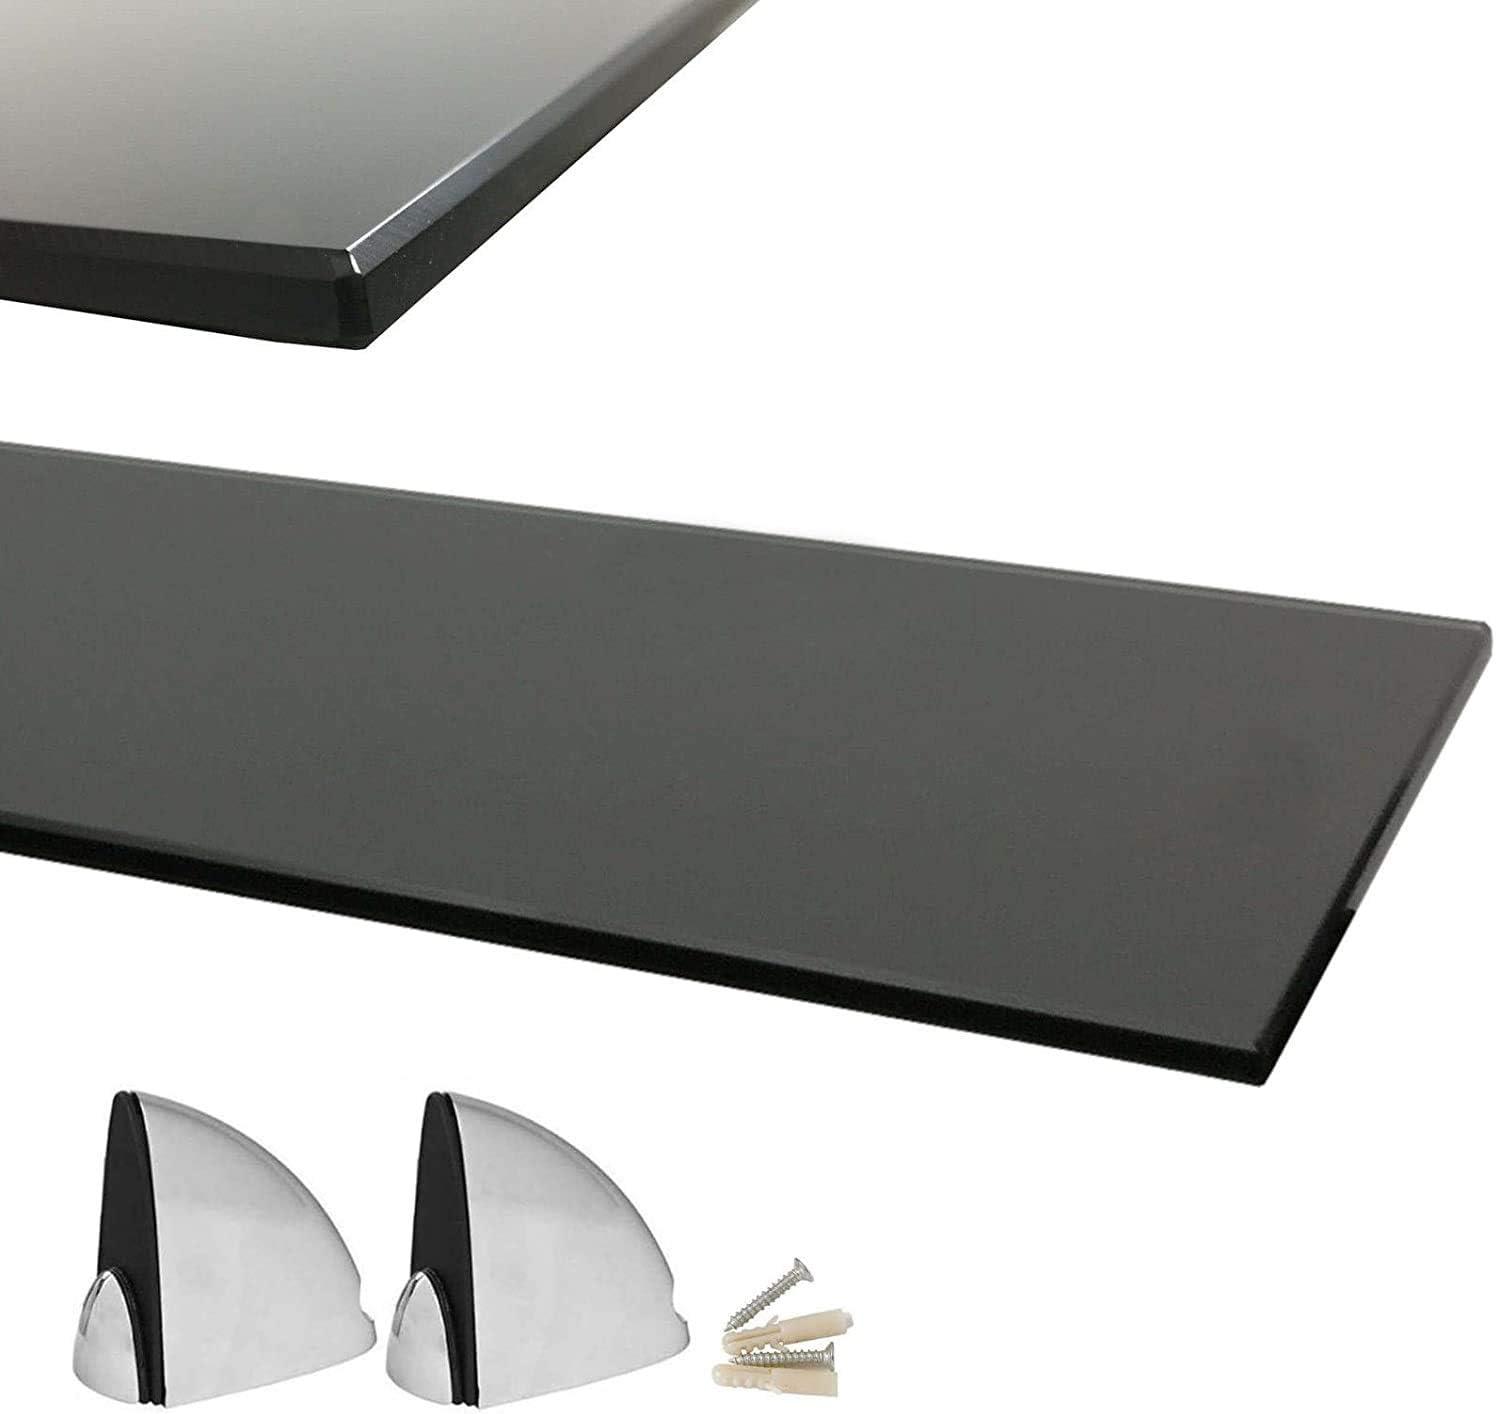 Glasregal mit 6mm ESG Sicherheitsglas Verschiedene Gr/ö/ßen Euro Tische Glas Wandregal perfekt geeignet als Badablage//Glasablage f/ür Badezimmer Klar, 90 x 17,8 cm